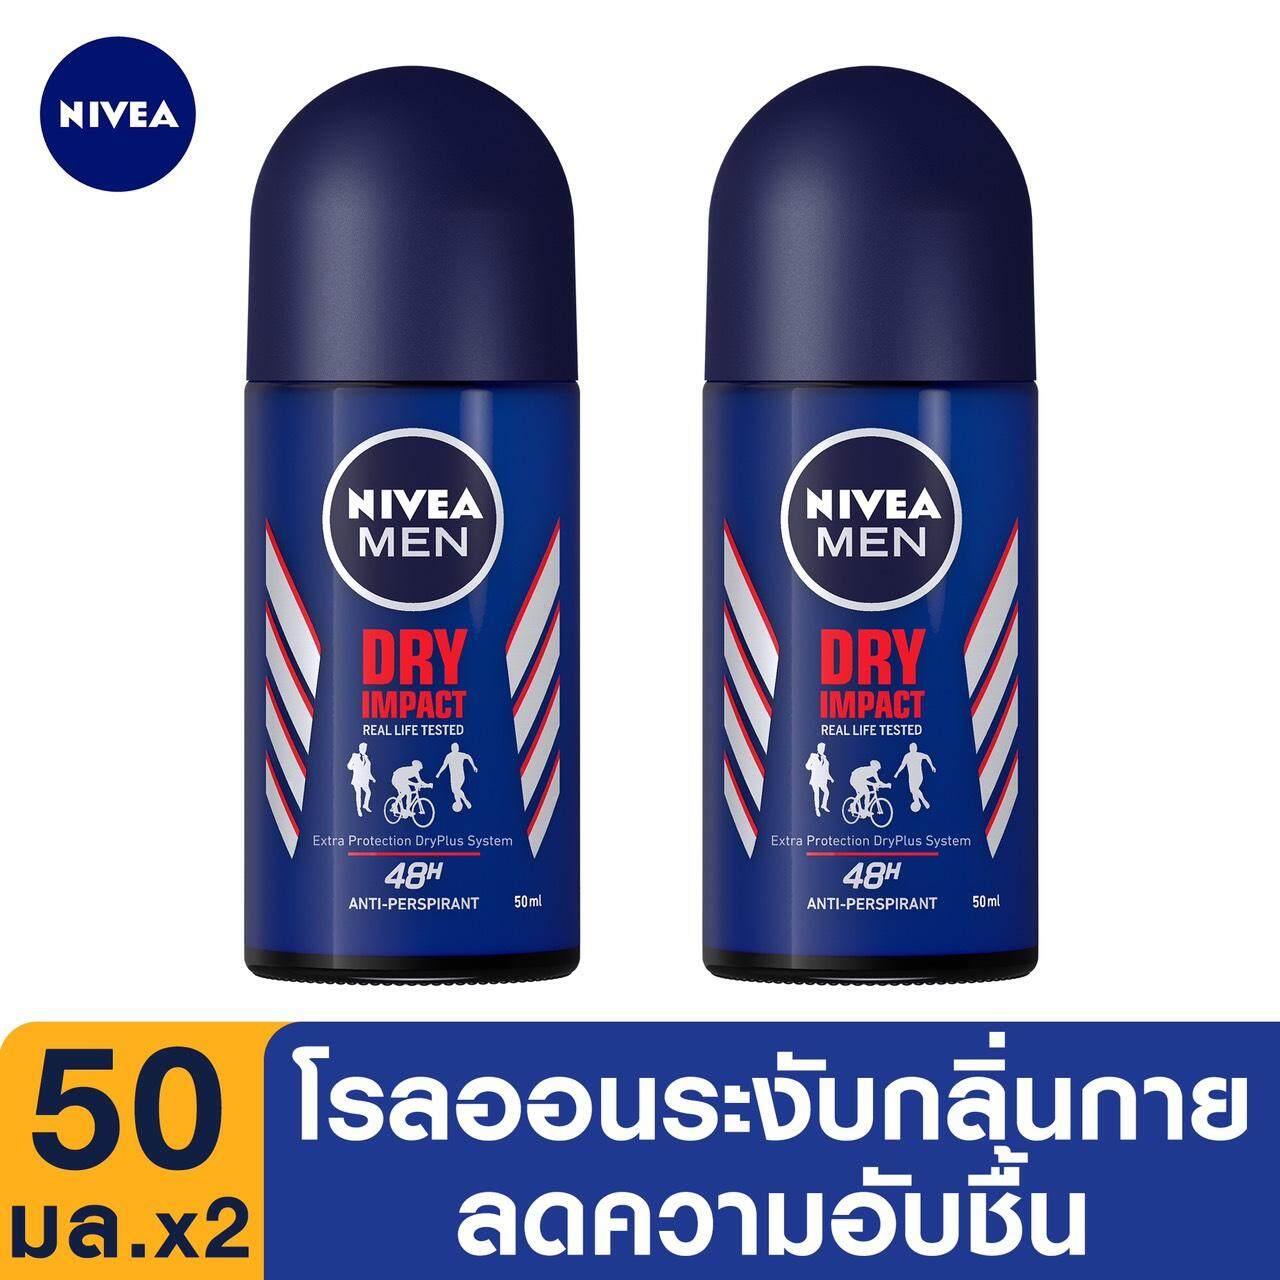 นีเวีย ดีโอ เมน ดราย อิมแพ็ค โรลออน ระงับกลิ่นกาย สำหรับผู้ชาย 50 มล. 2 ชิ้น NIVEA Deo Men Dry Impact Roll On 50ml. 2pcs. (ลดกลิ่นตัว, ลดเหงื่อ, กำจัดกลิ่นตัว, ไม่ทิ้งคราบ, ปกป้องยาวนาน, ลดคราบเหลือง, เหงื่อออกรักแร้, กลิ่นตัวแรง, รักแร้เปียก)